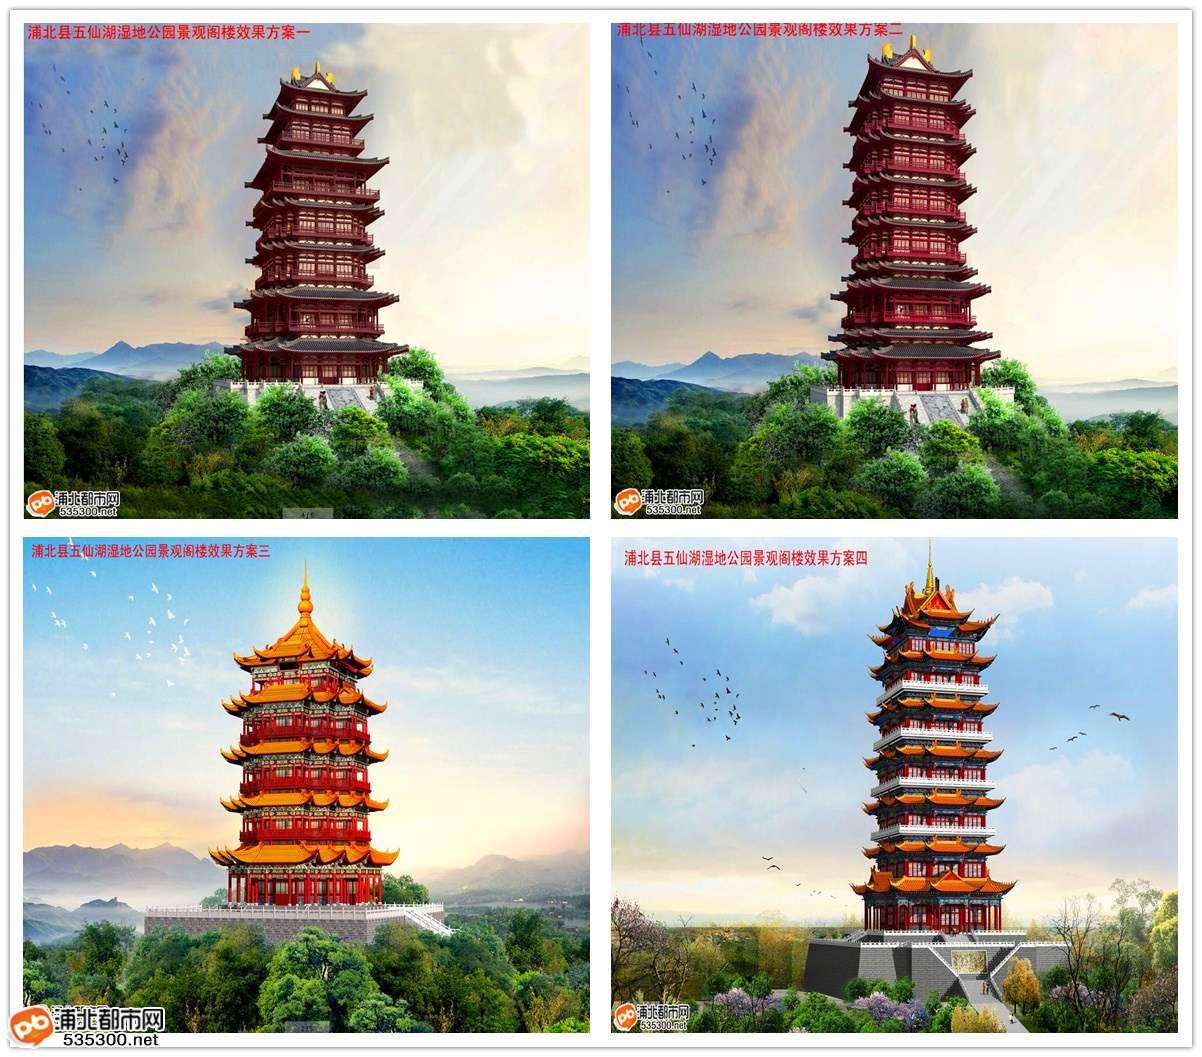 浦北第三塔都快要建成了,说好的第二塔是否烟消云散了?